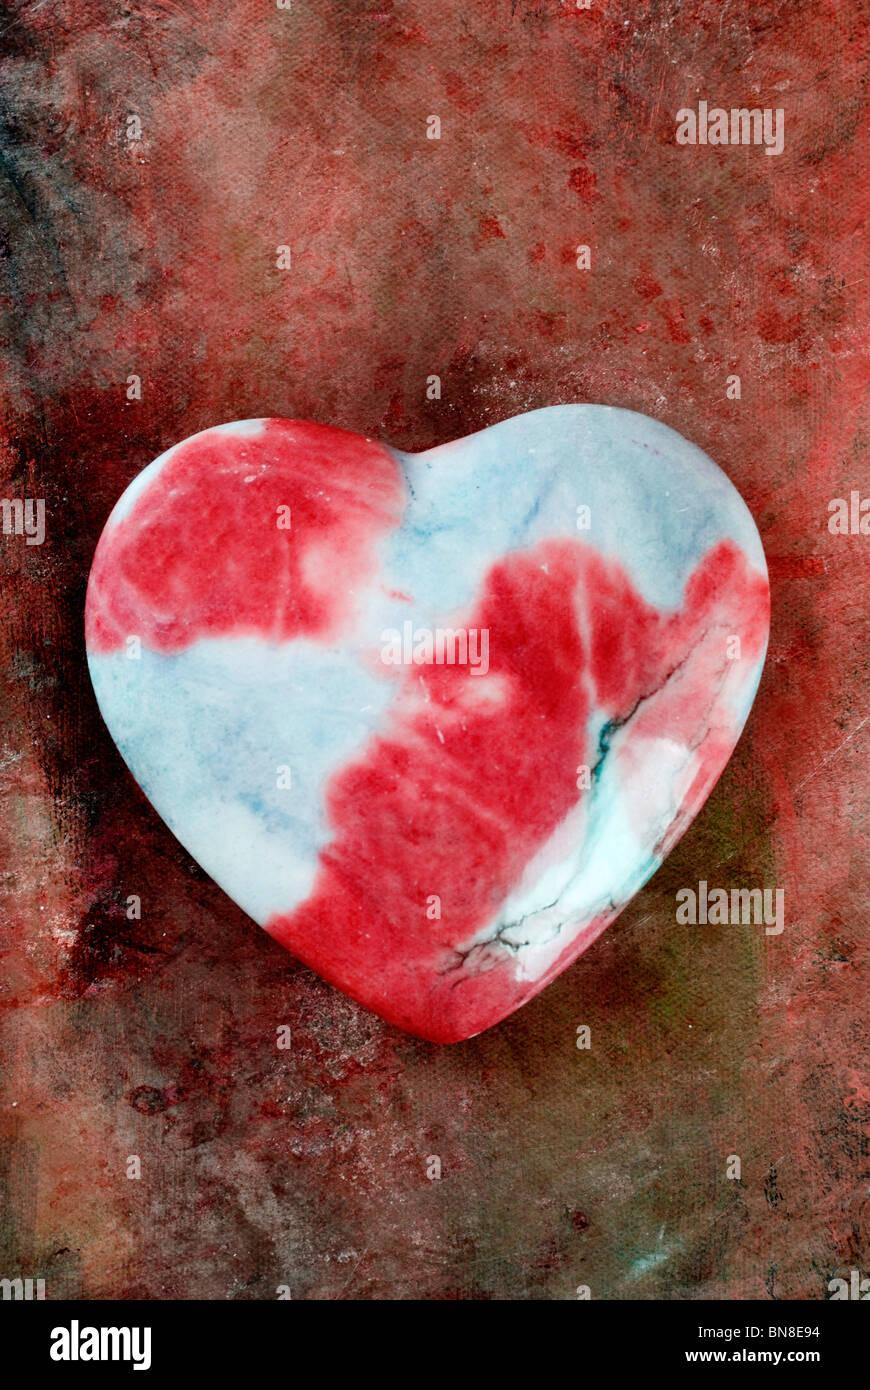 Coeur de pierre rouge et bleu Photo Stock